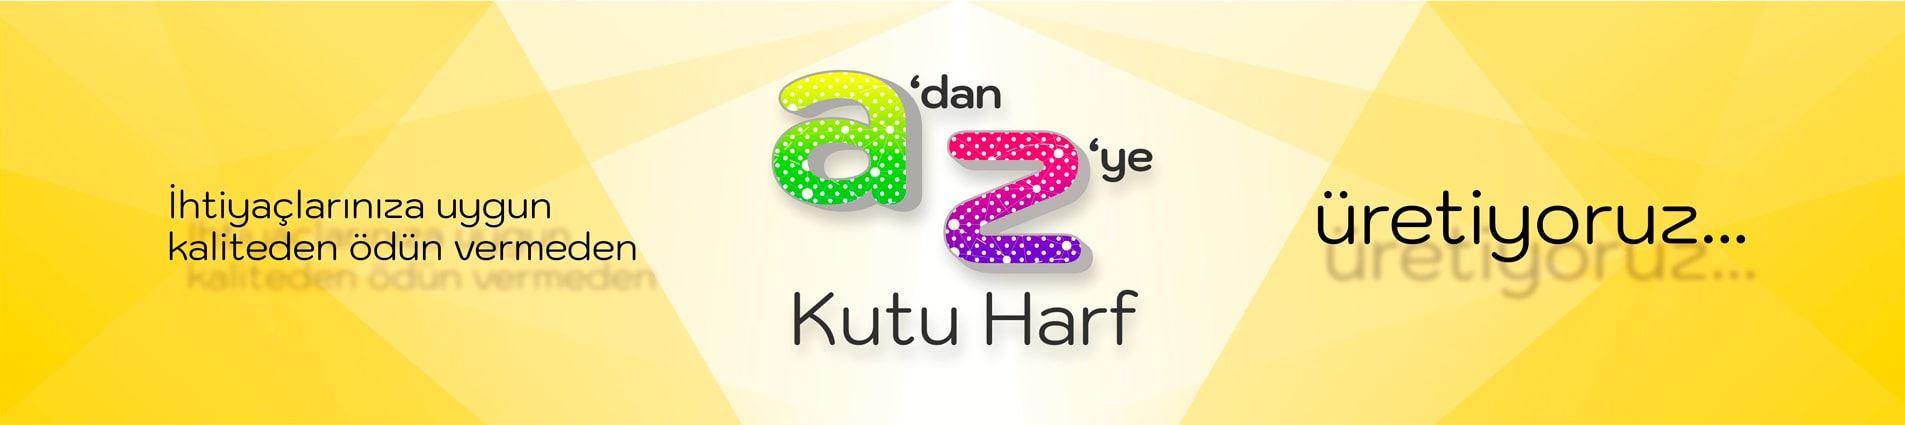 Ampüllü Kutu Harf, Ahşap Kutu Harf